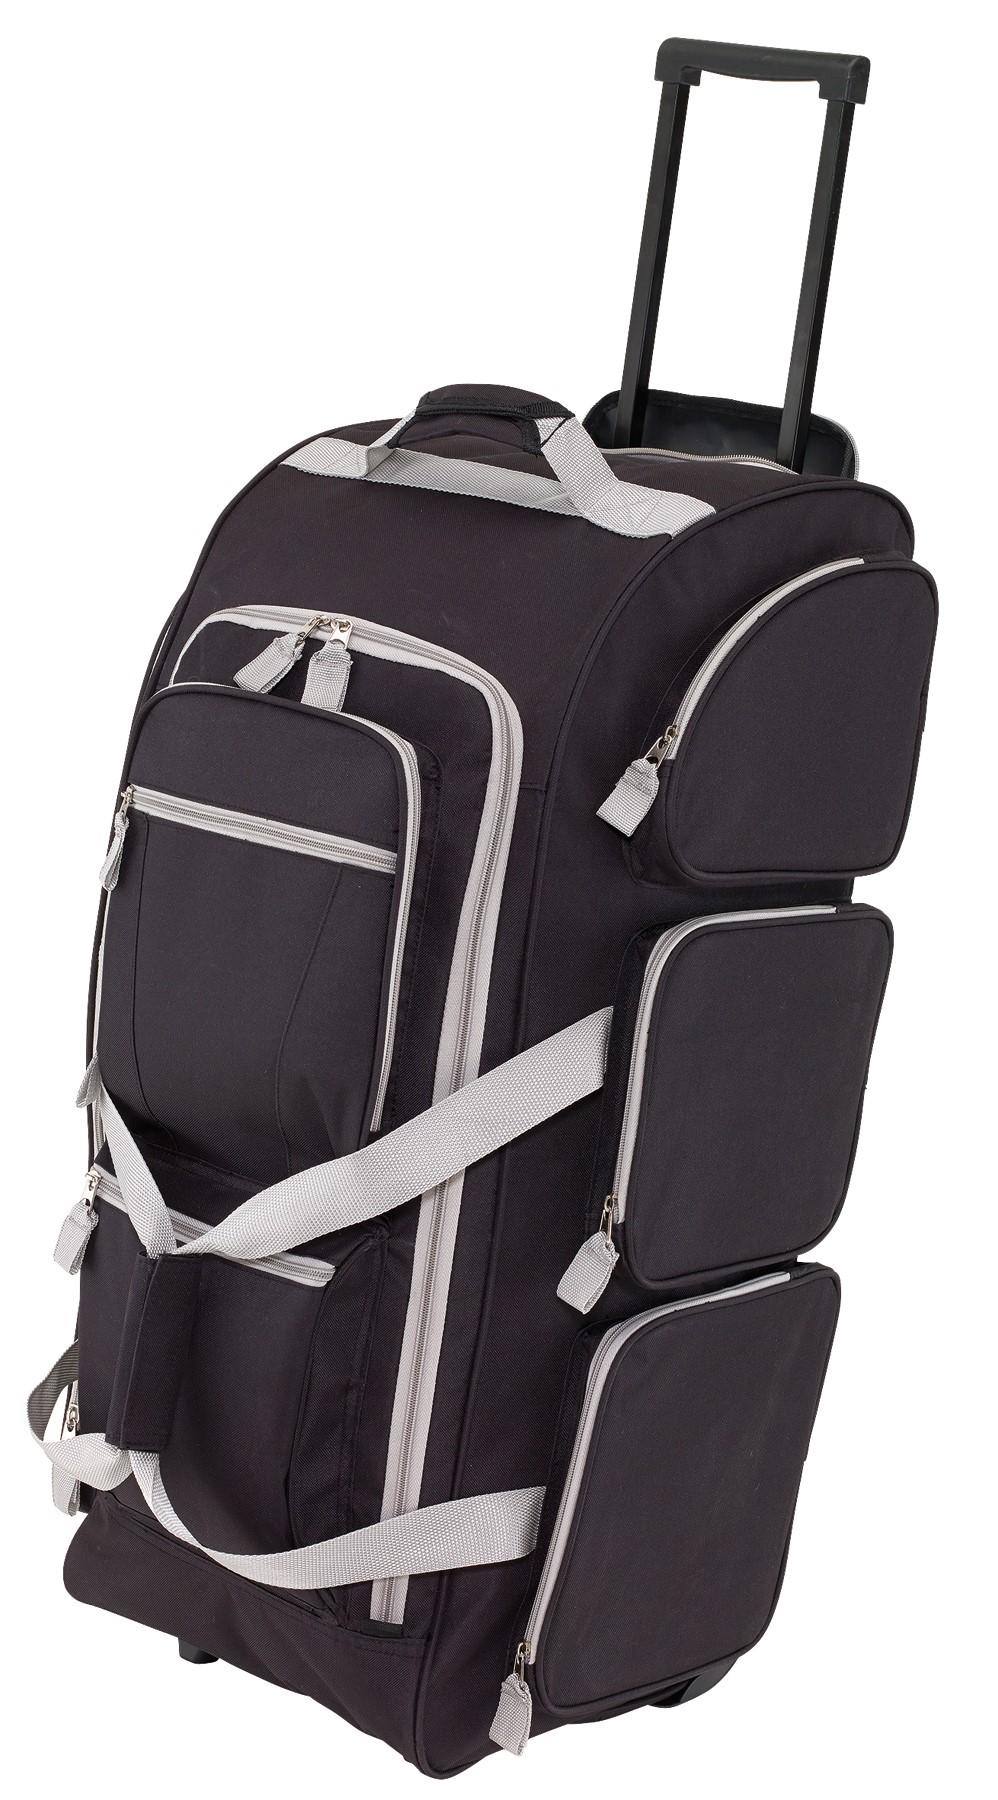 c2d6fc5e15db 9P gurulós utazó táska, fekete-szürke